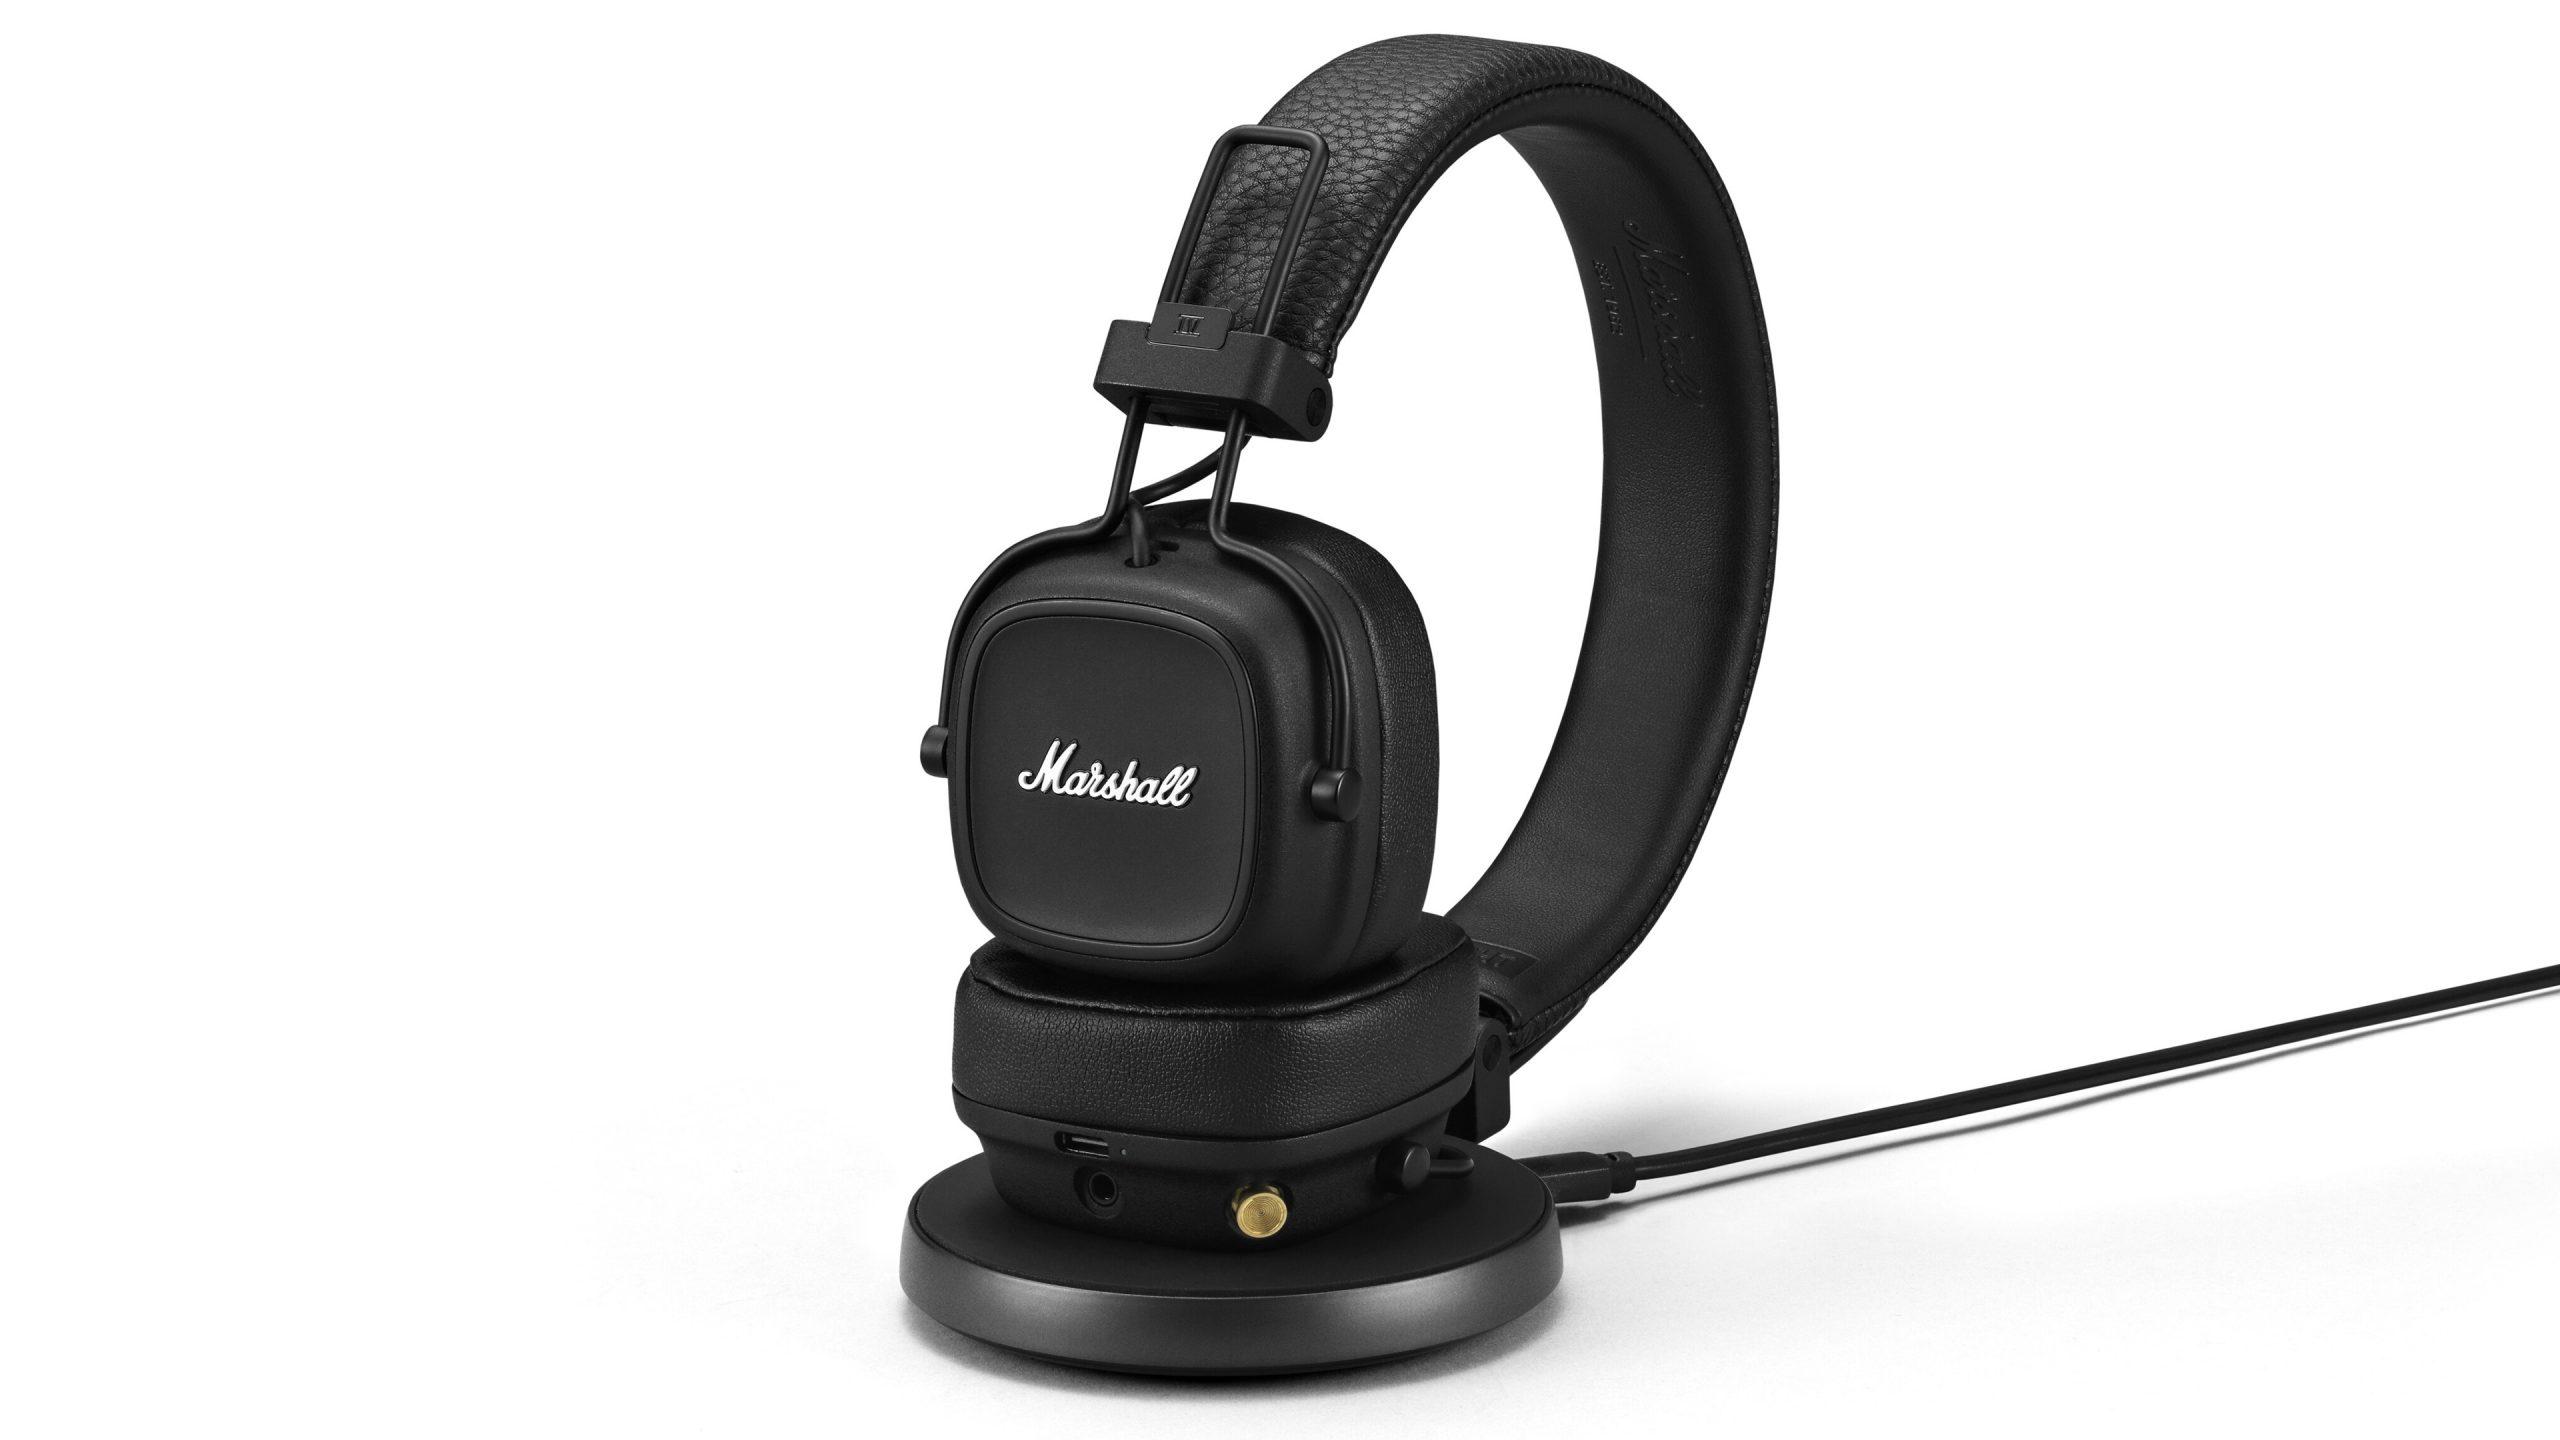 Marshall Major IV kan lades trådløst. Laderen følger ikke med. Foto: Marshall